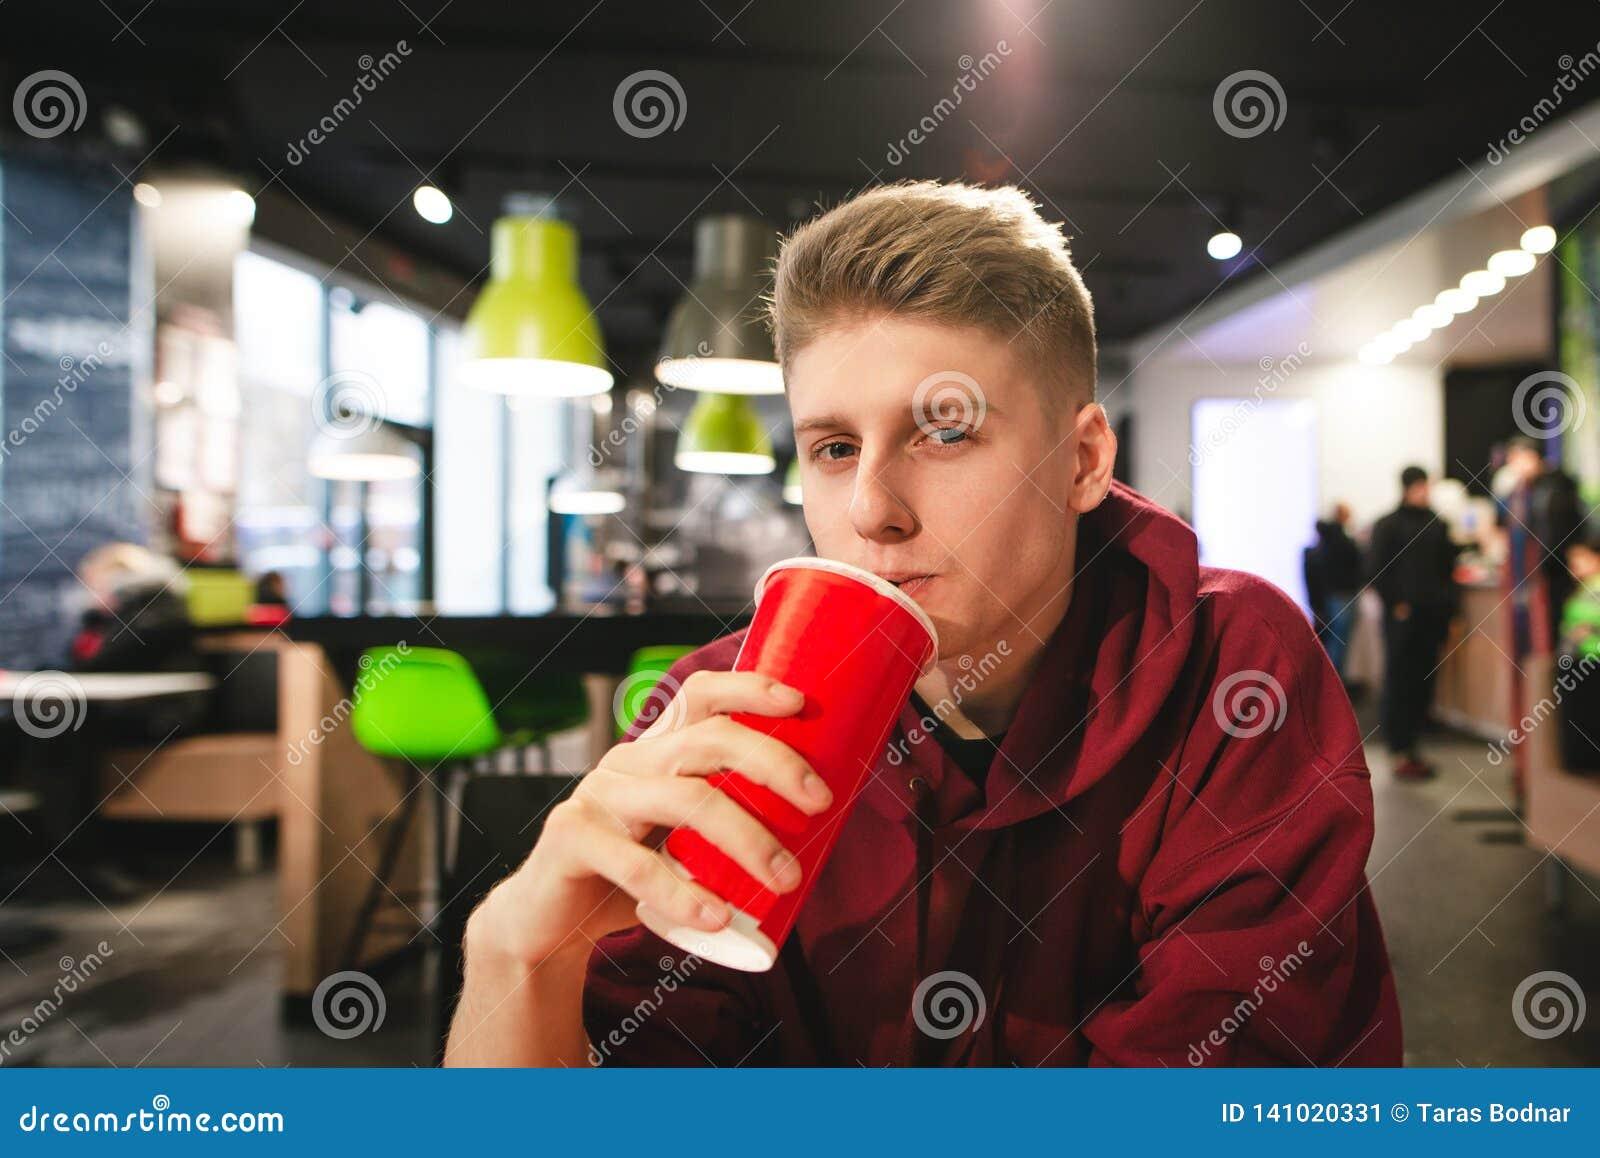 Portrait de garçon attirant avec un grand verre rouge dans sa main, buvant un enjeu et regardant la caméra